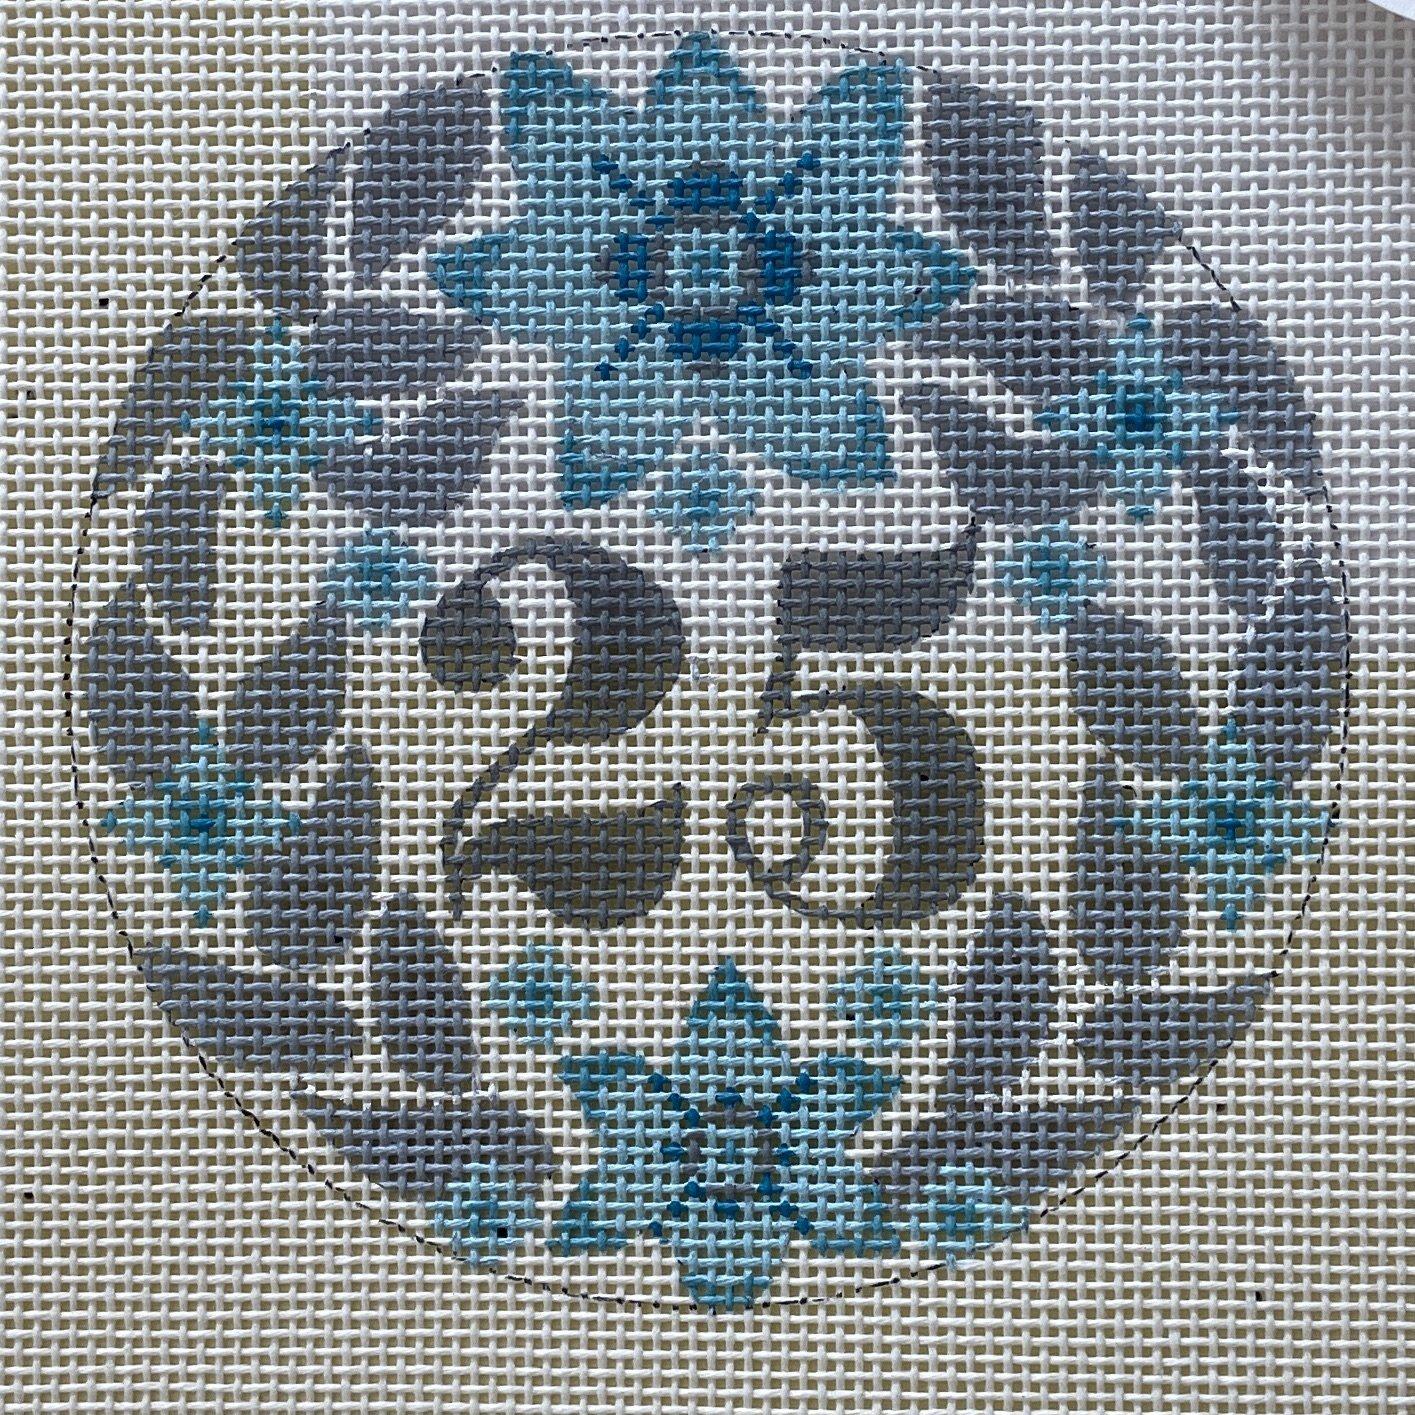 CH661 25th Anniversay Ornament Danji Designs